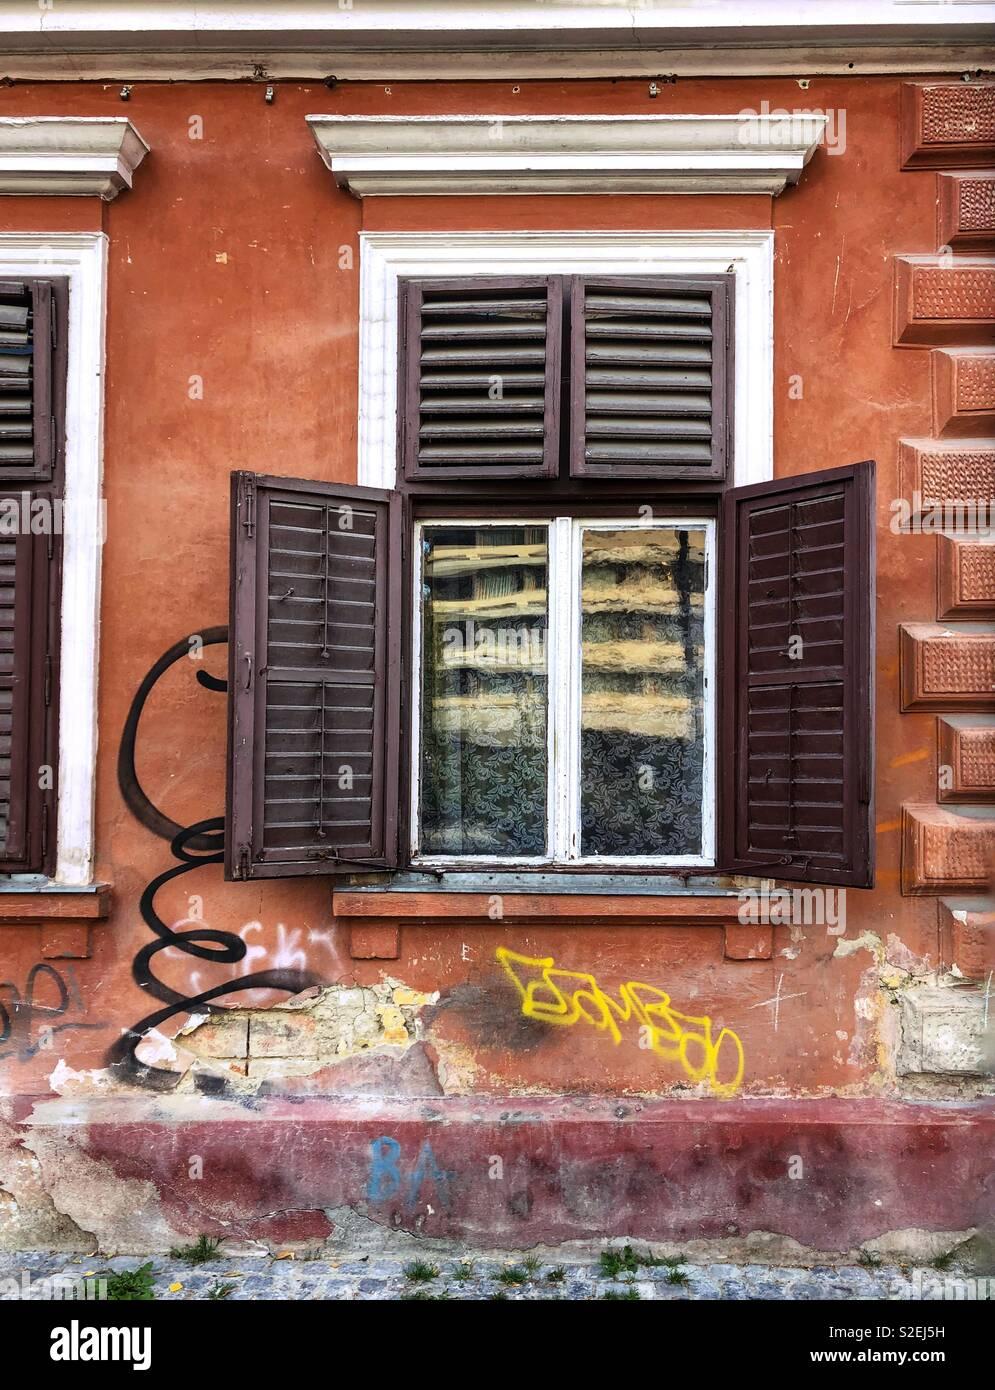 Marrón abierta ventana postigos, reflexión y graffiti en una pintura en la pared. Foto de stock